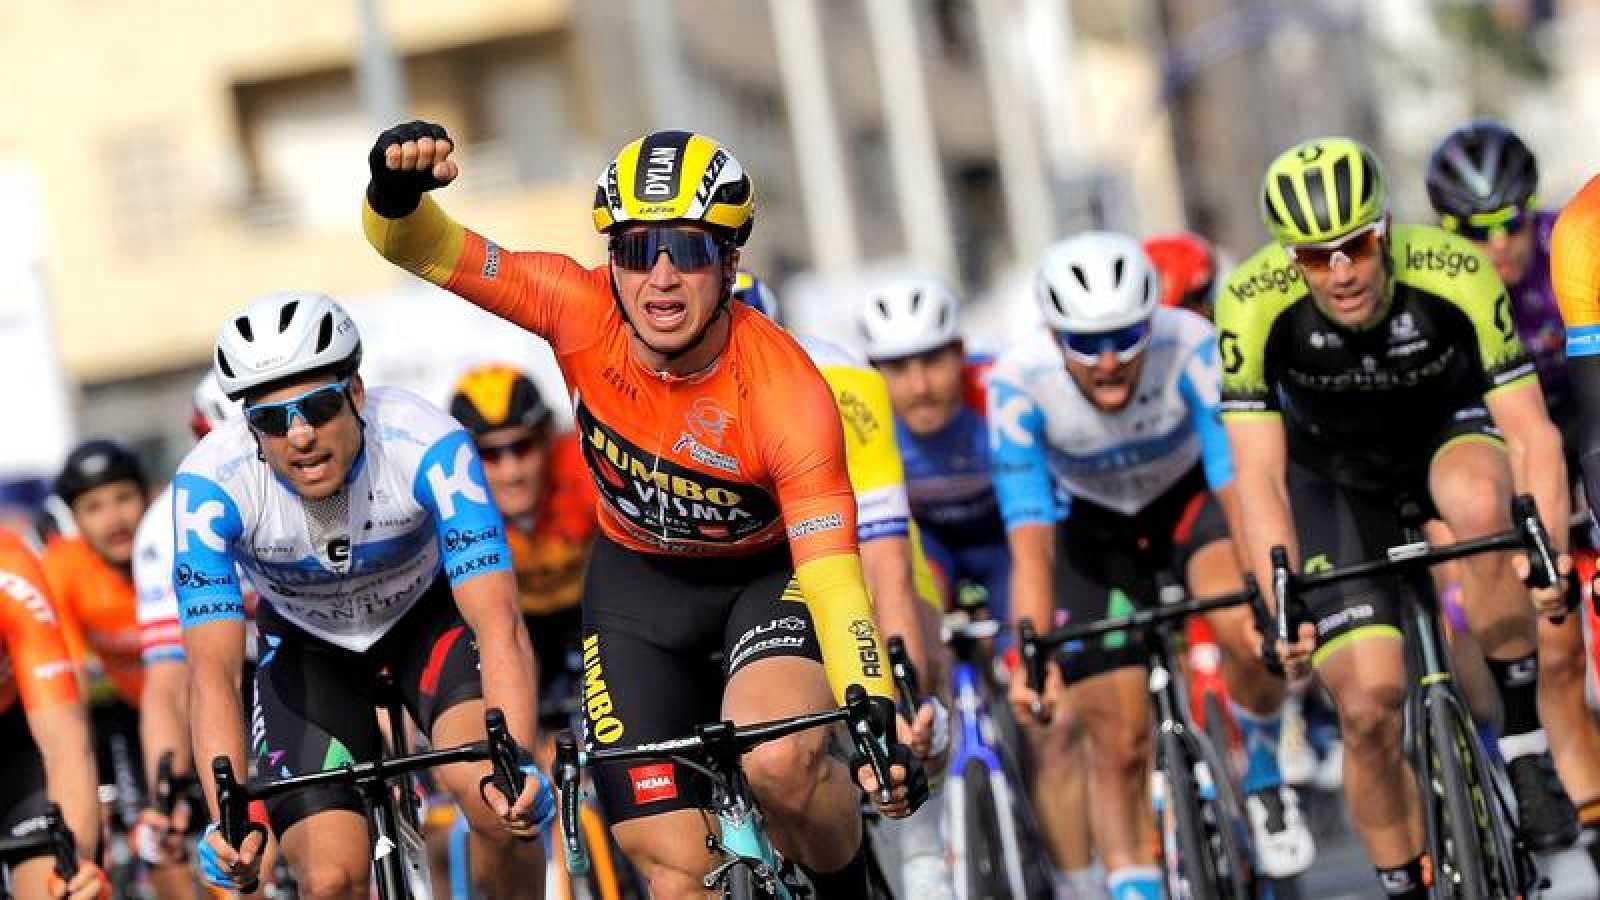 El ciclista holandés Groenewegen levanta los brazos en la meta de Torrevieja.